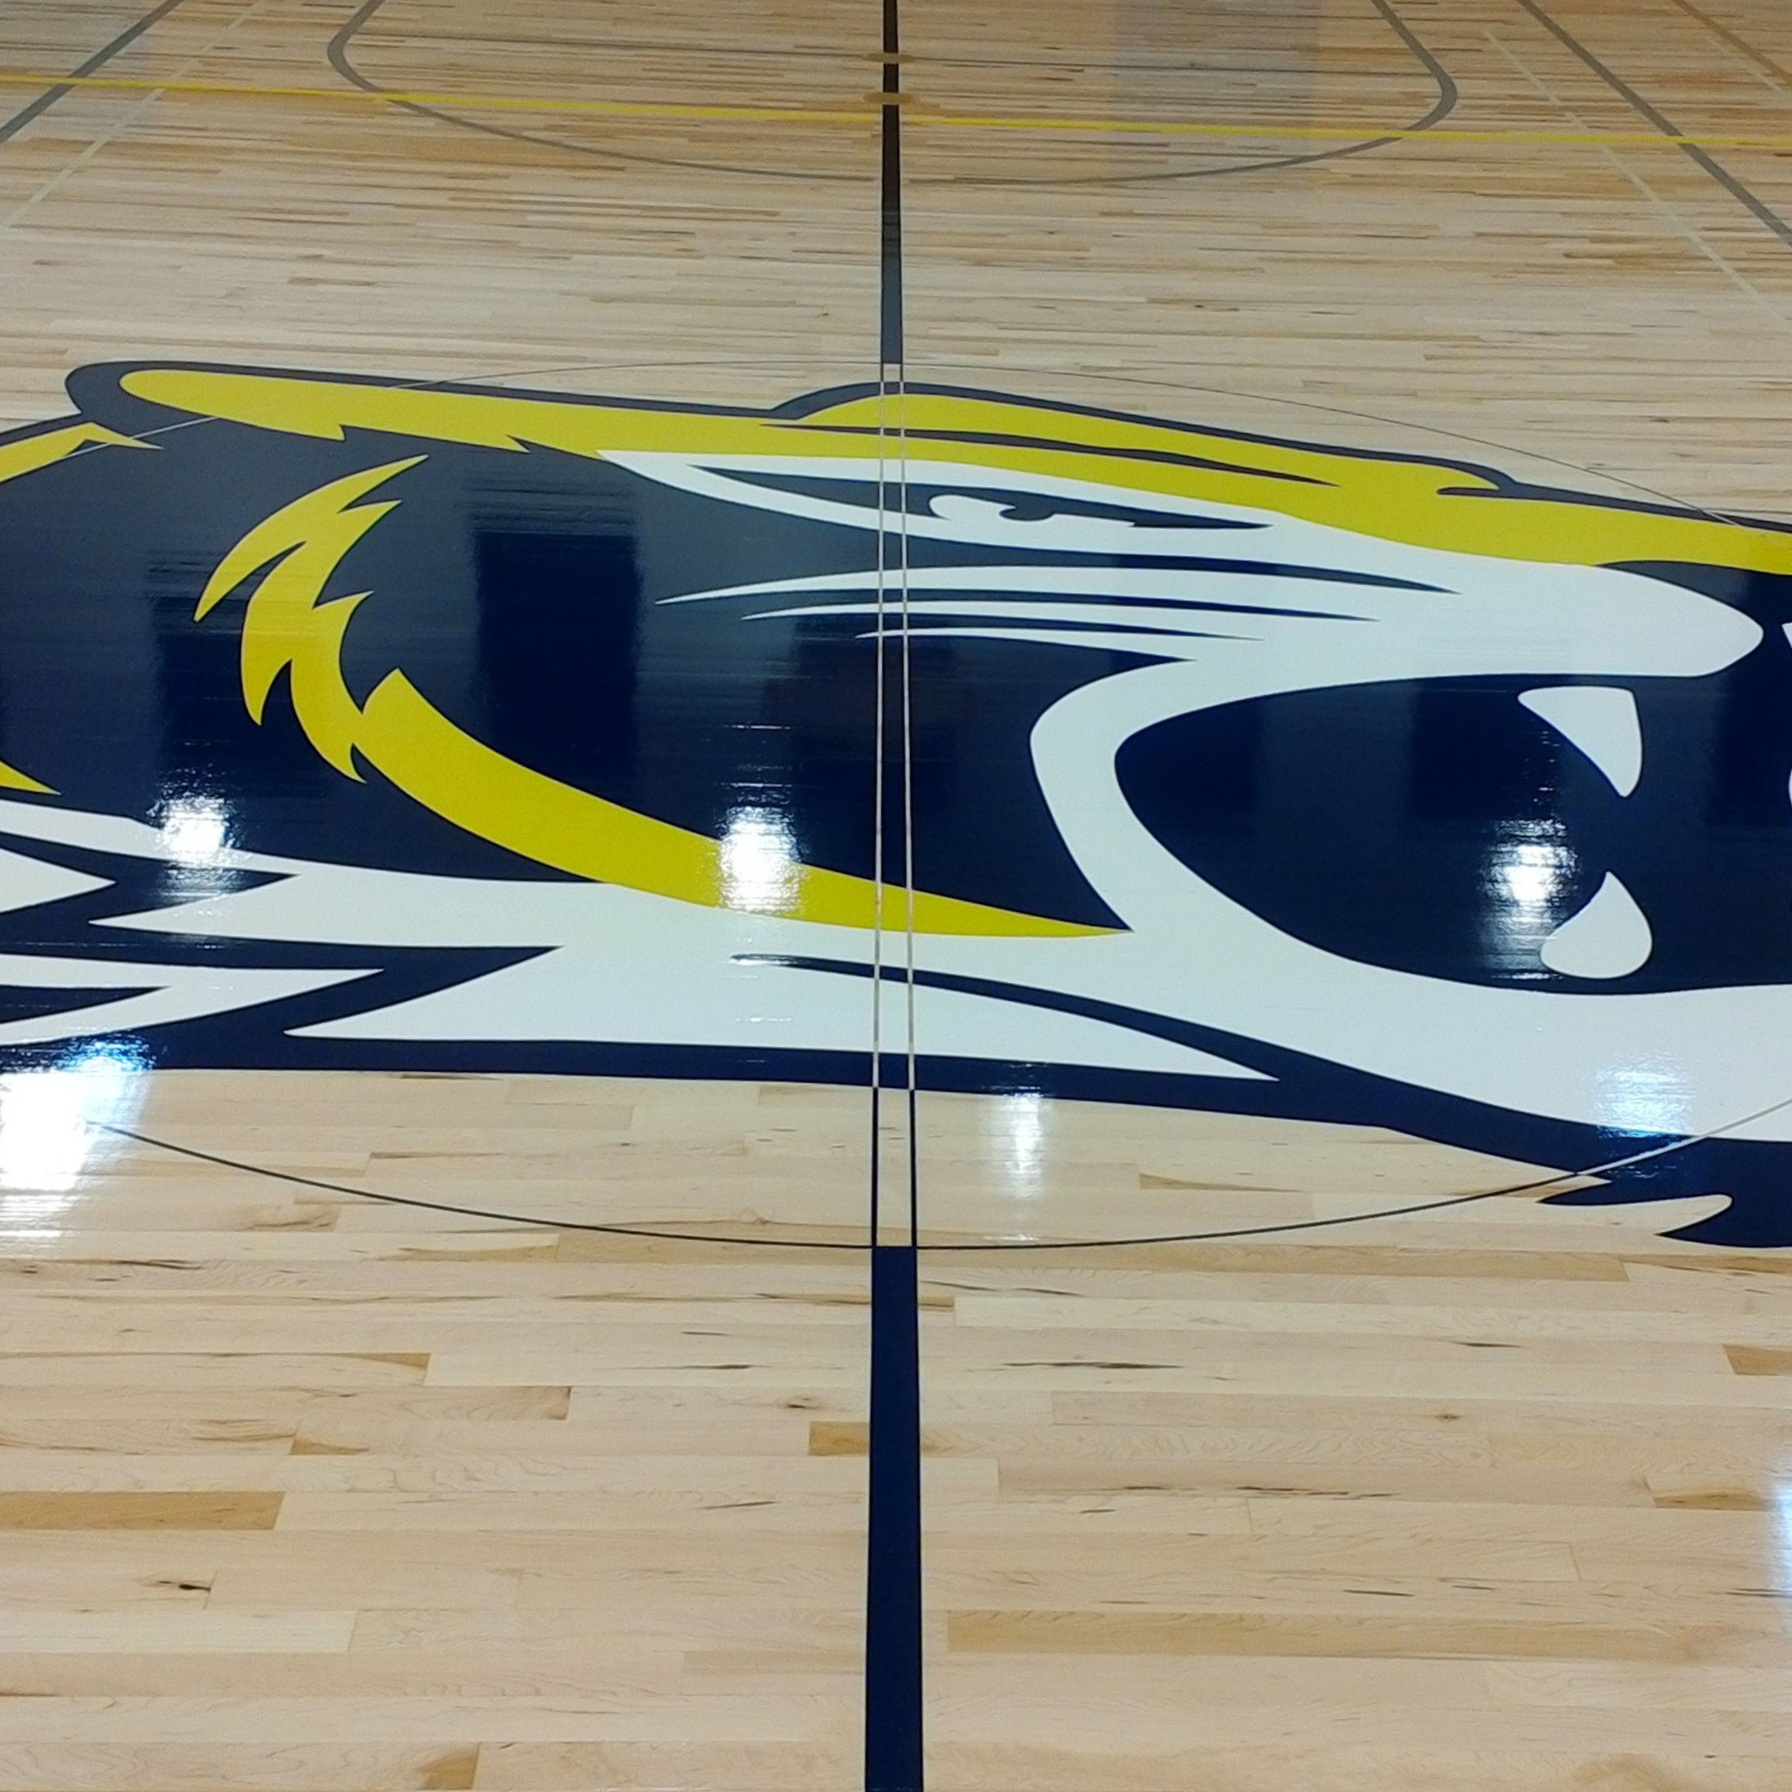 Inderkum High School - Interior Basketball Court